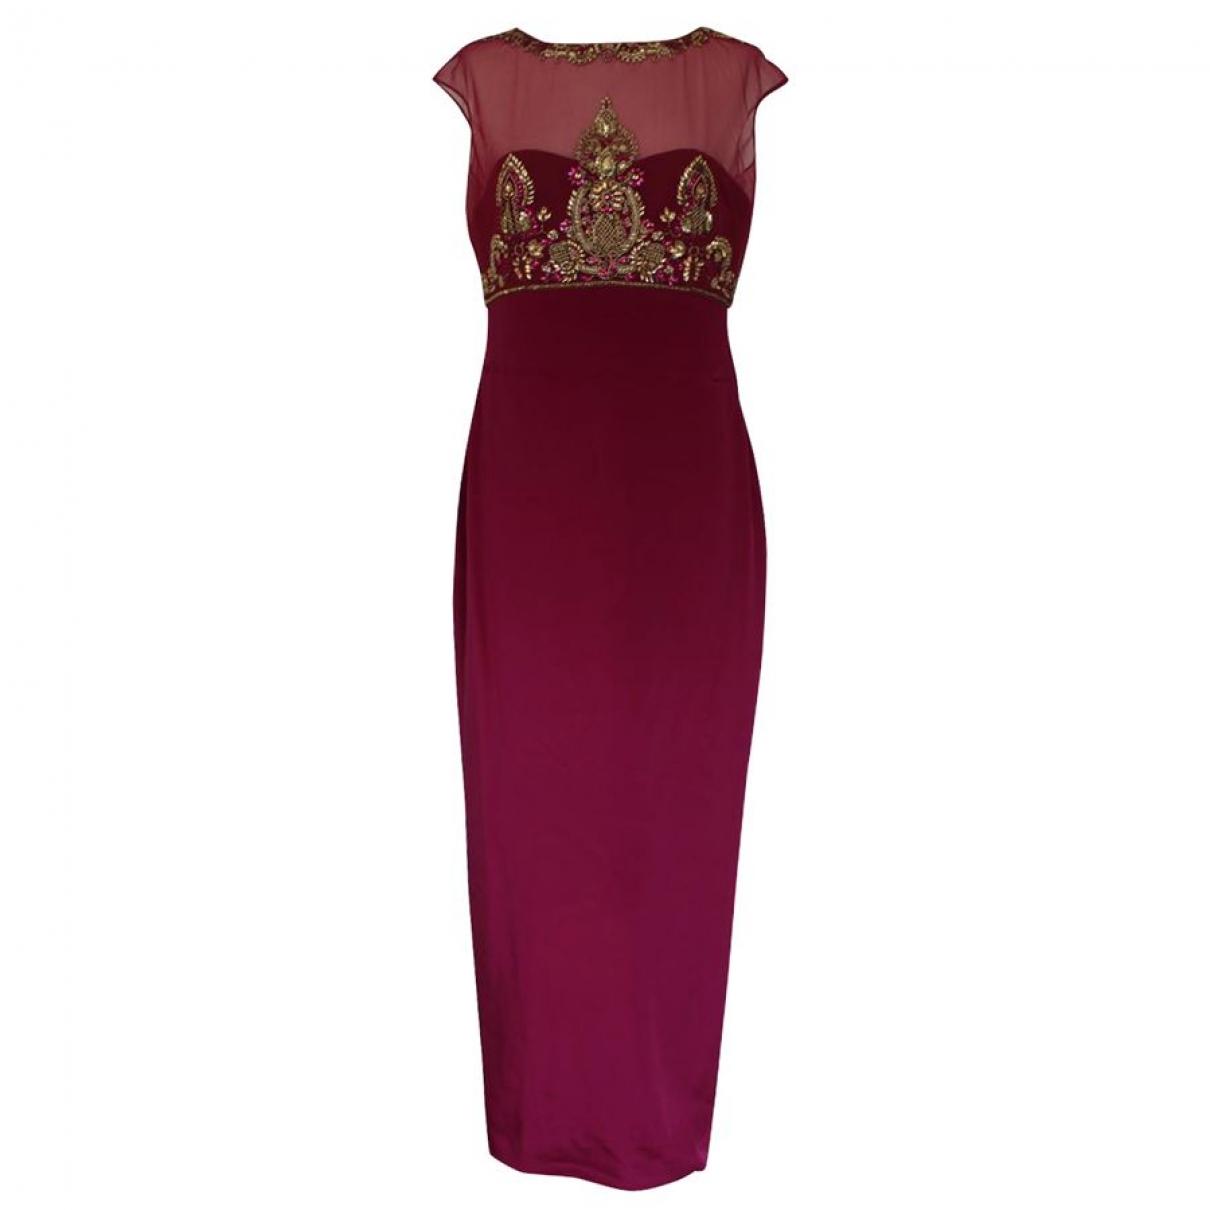 Marchesa \N Pink dress for Women 42 IT